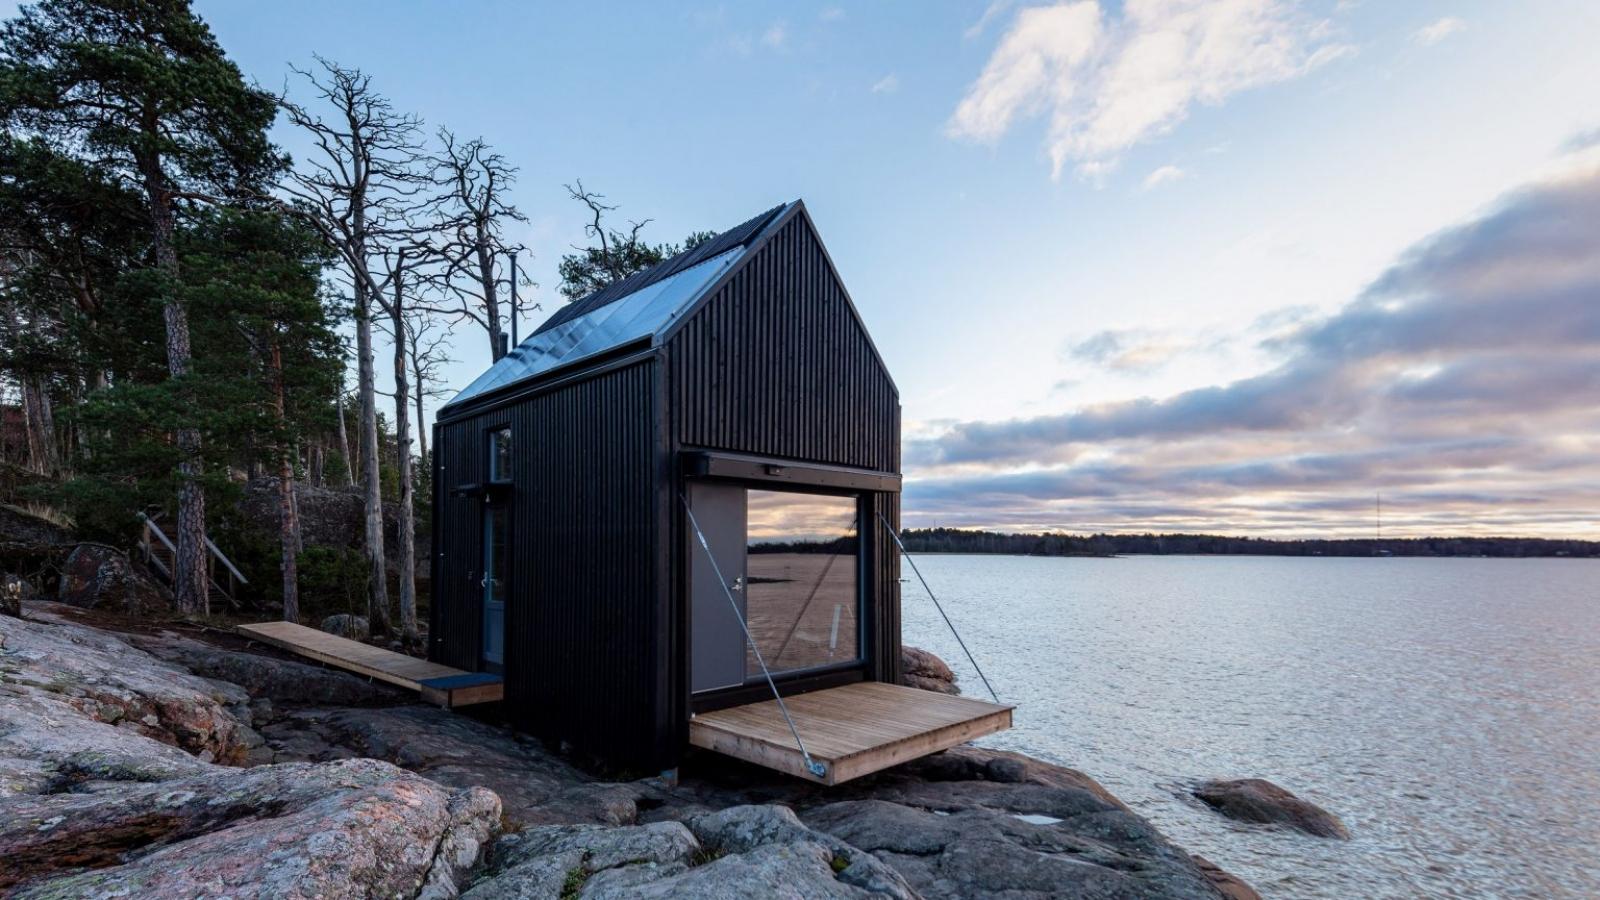 Ngôi nhà xinh xắn với công nghệ xanh nằm cheo leo bên bờ biển